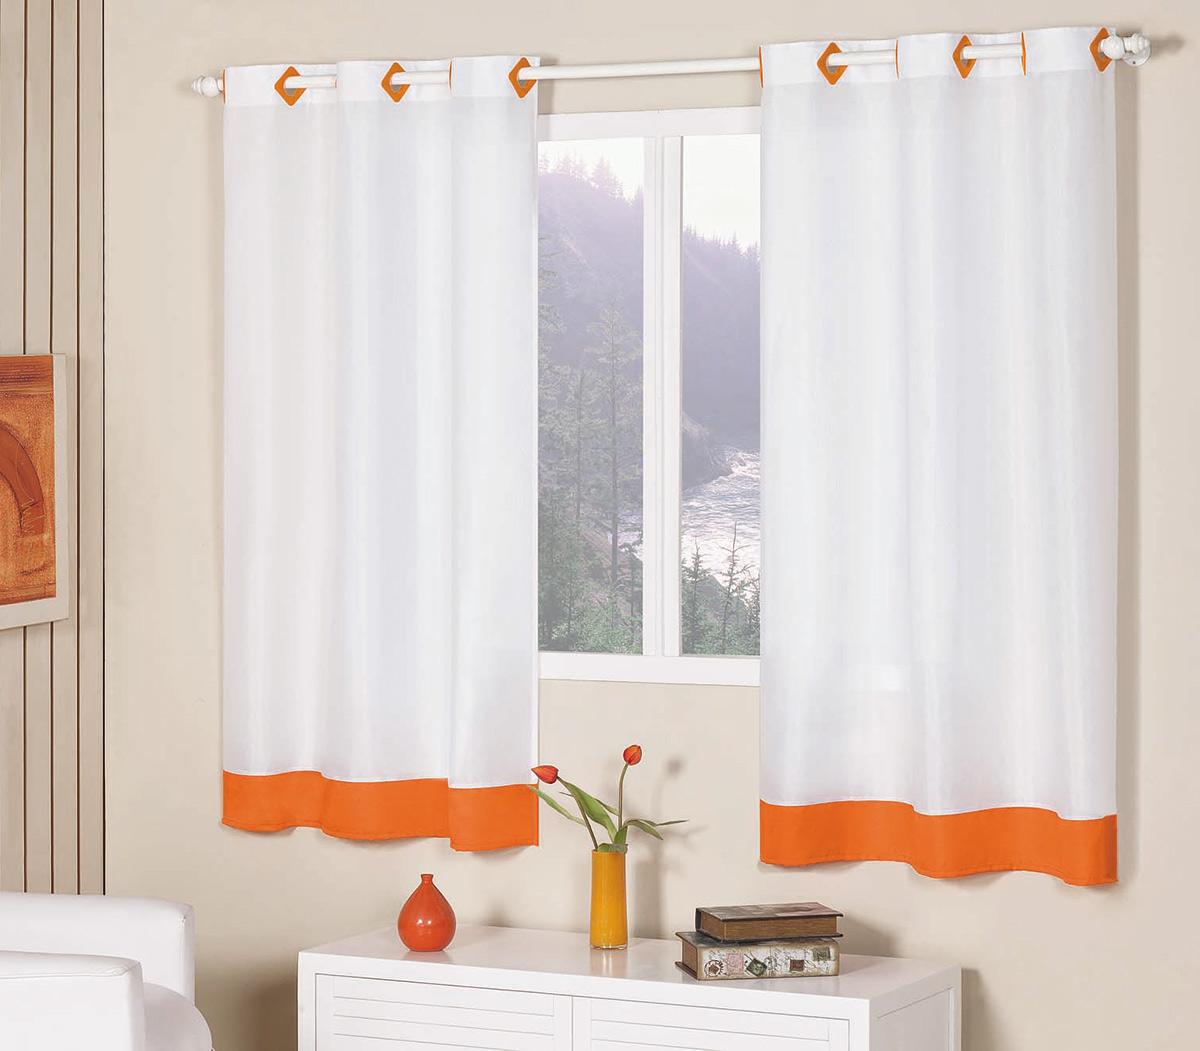 Cortina 2 metros cortina glamour laranja com 1 pe as em - Cortinas por metros ...